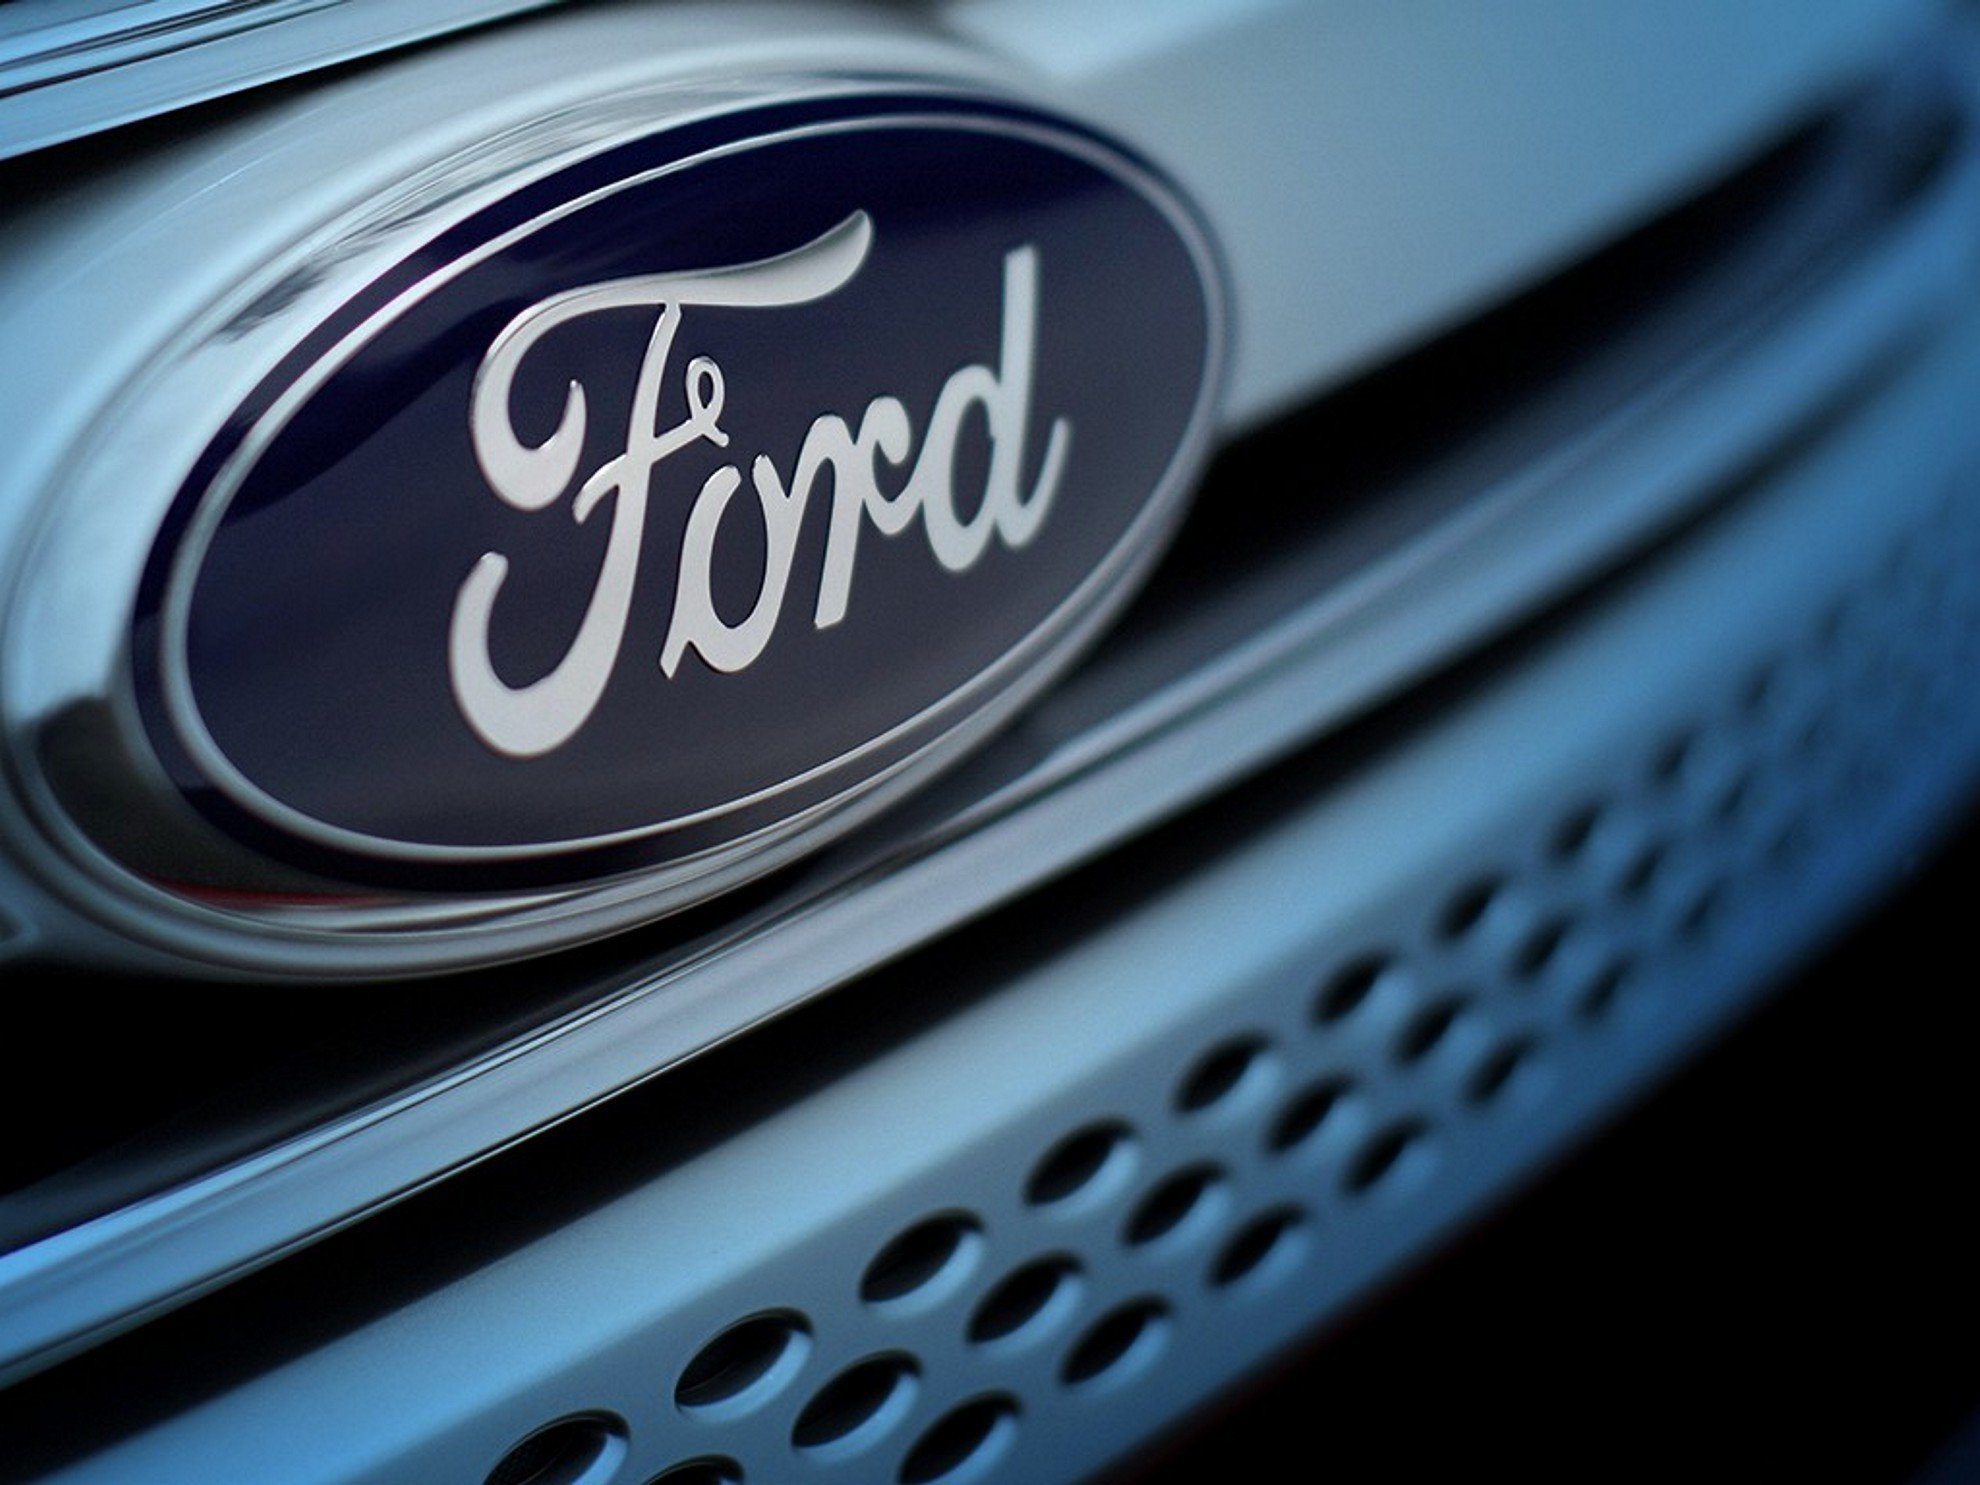 金沙线上娱乐官网18:福特英国推出车辆以旧换新计划提供购车补贴